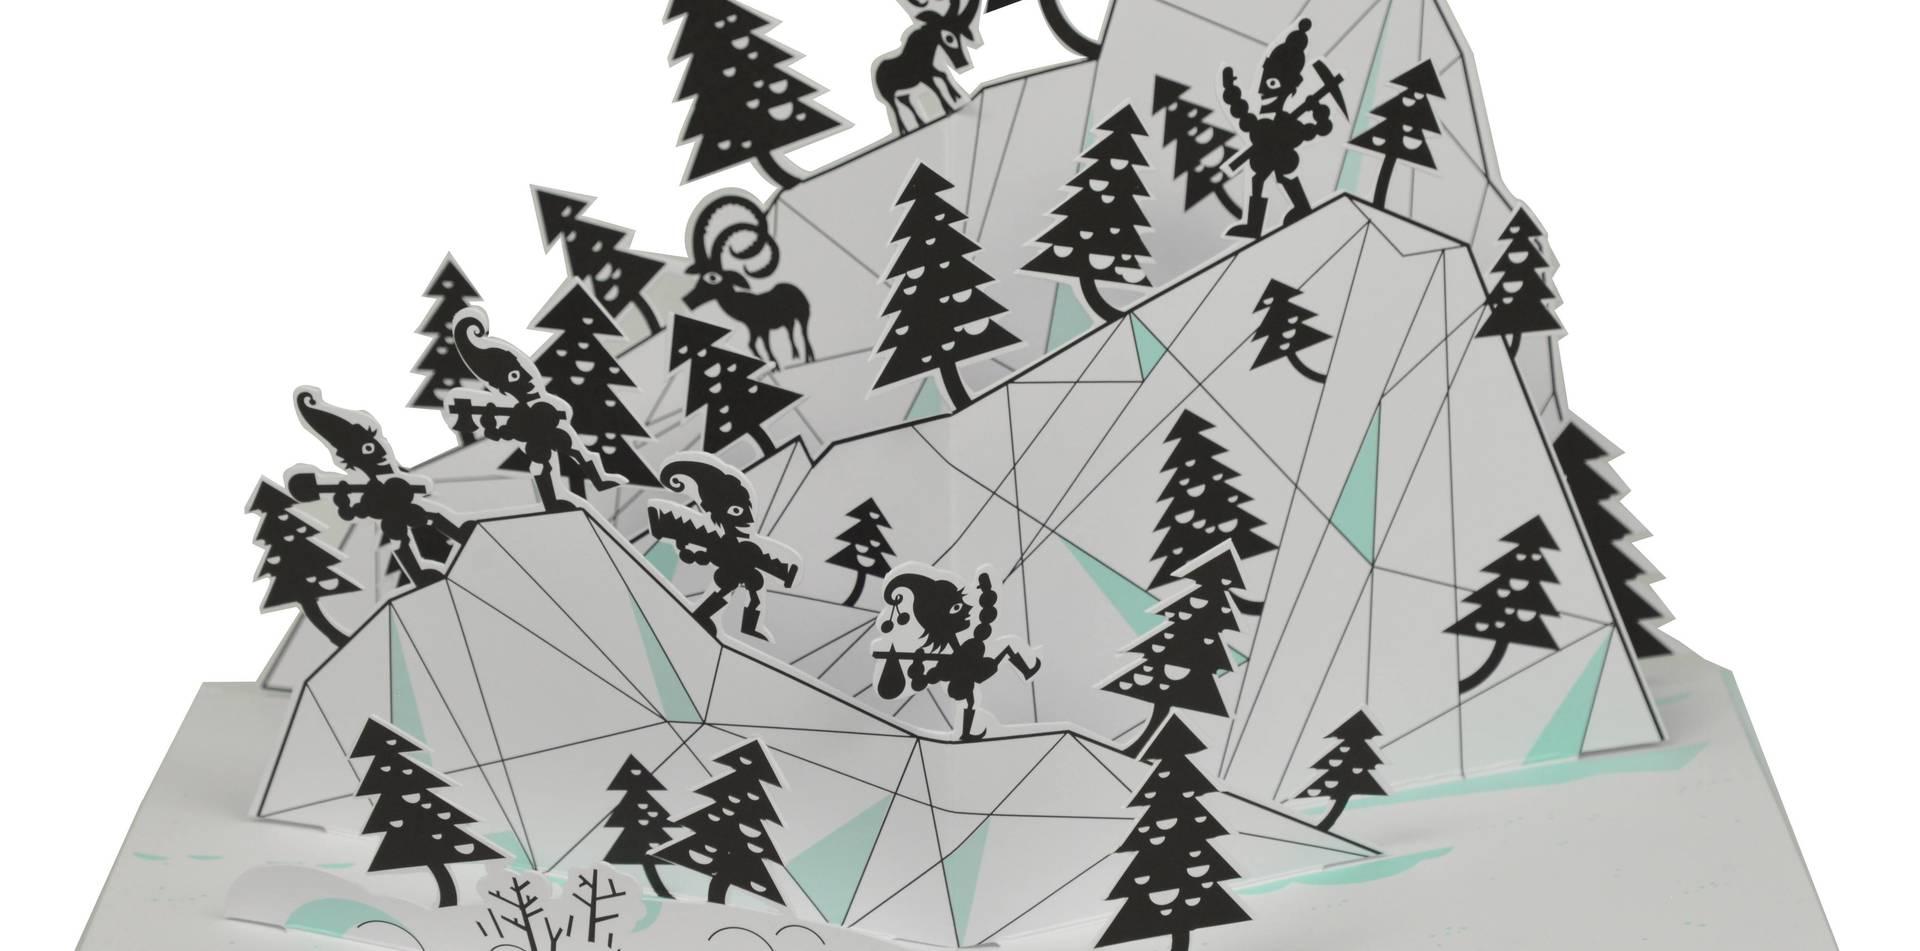 Contenu du La forêt lorraine en bref... ou presque !